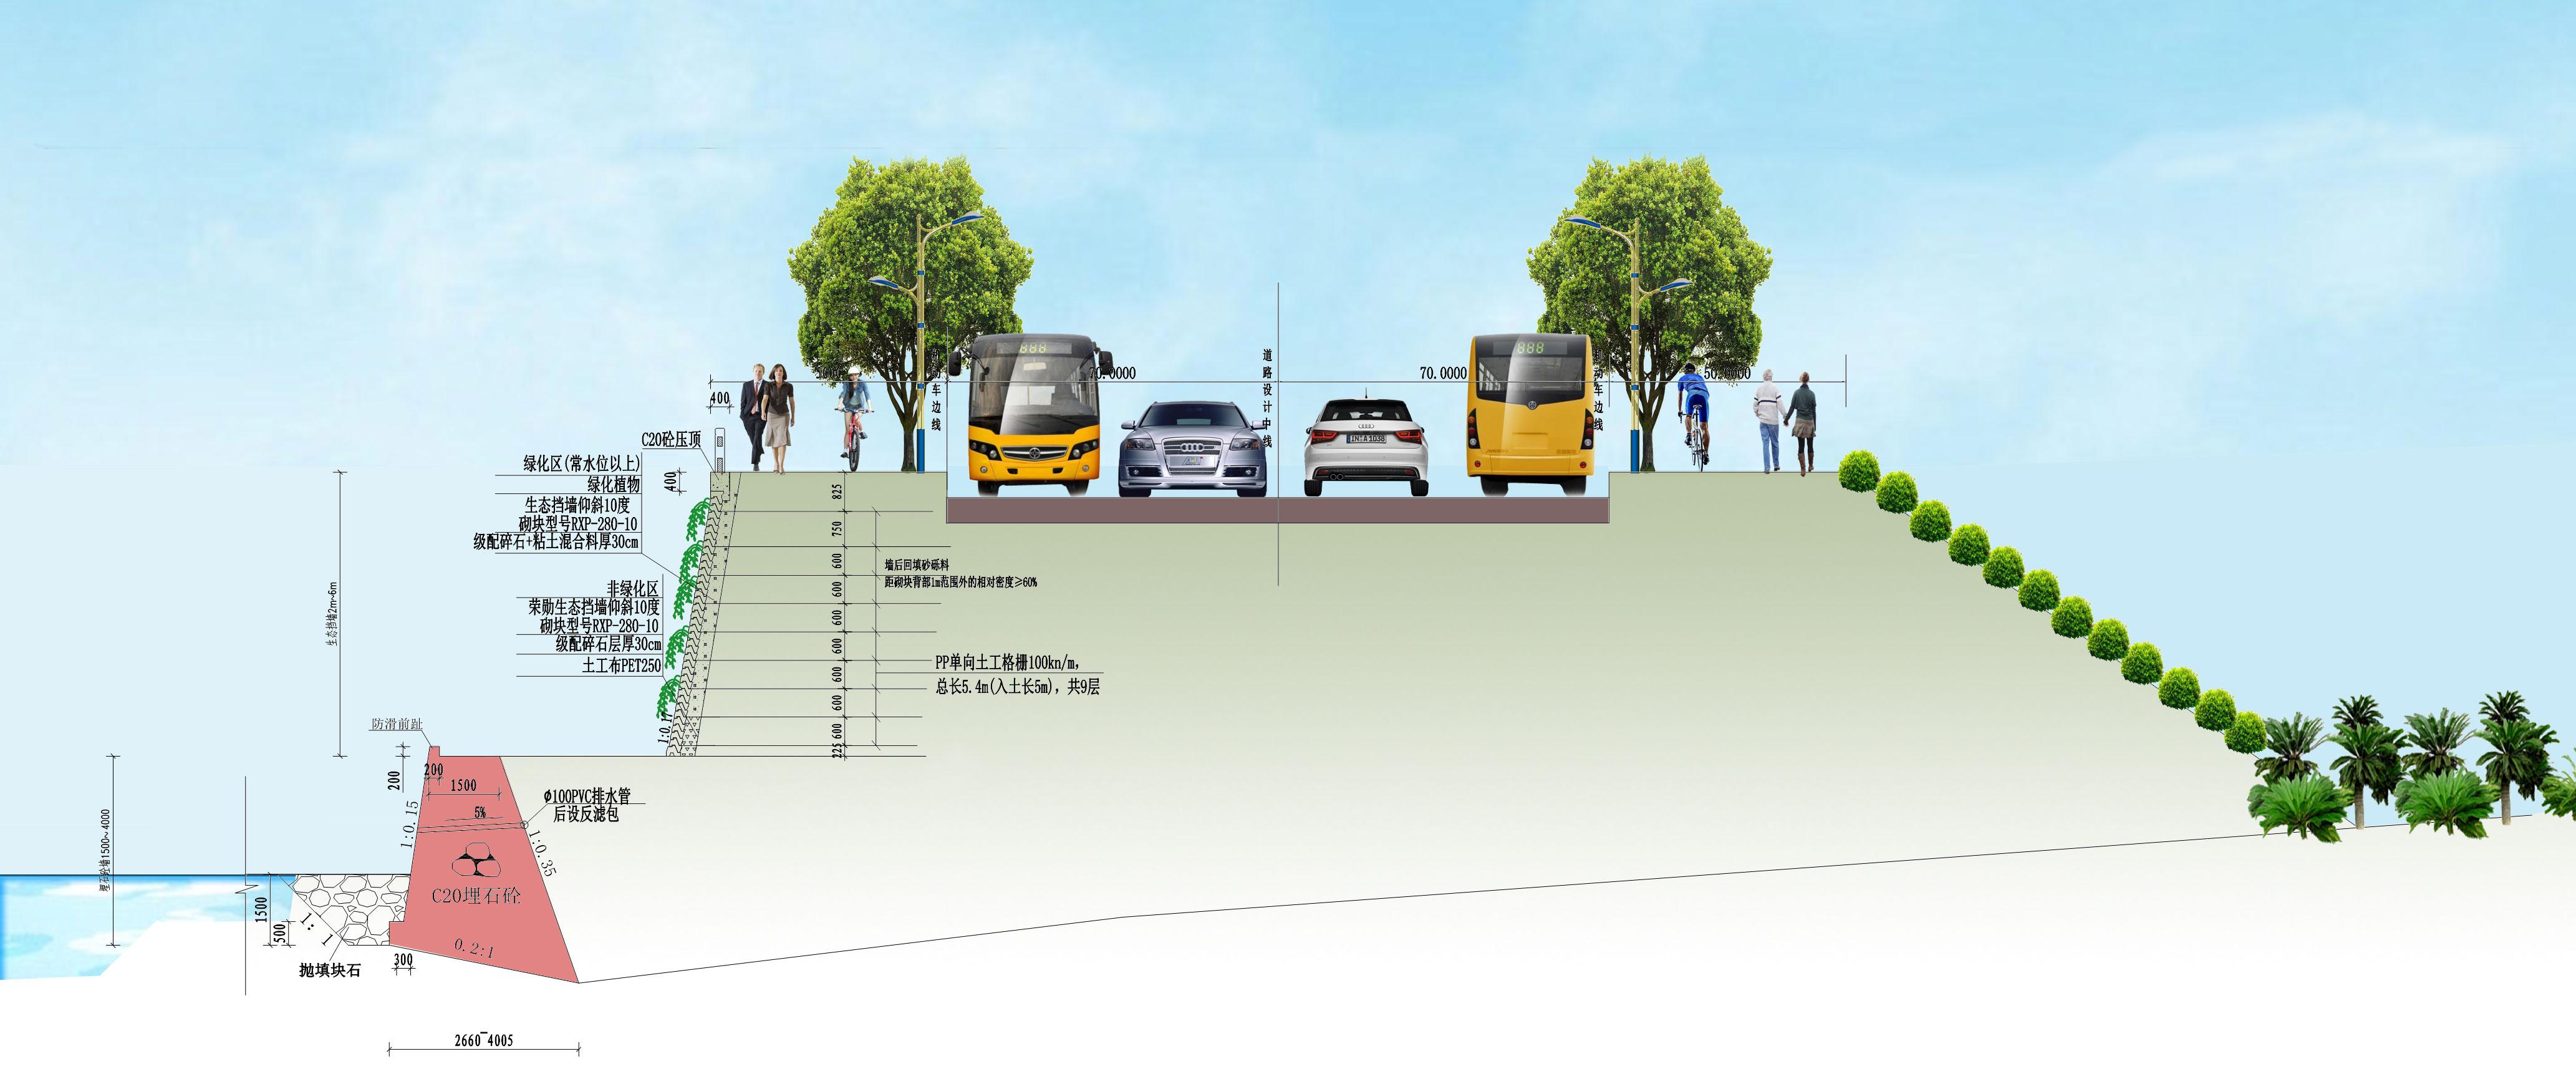 承接道路工程彩图制作